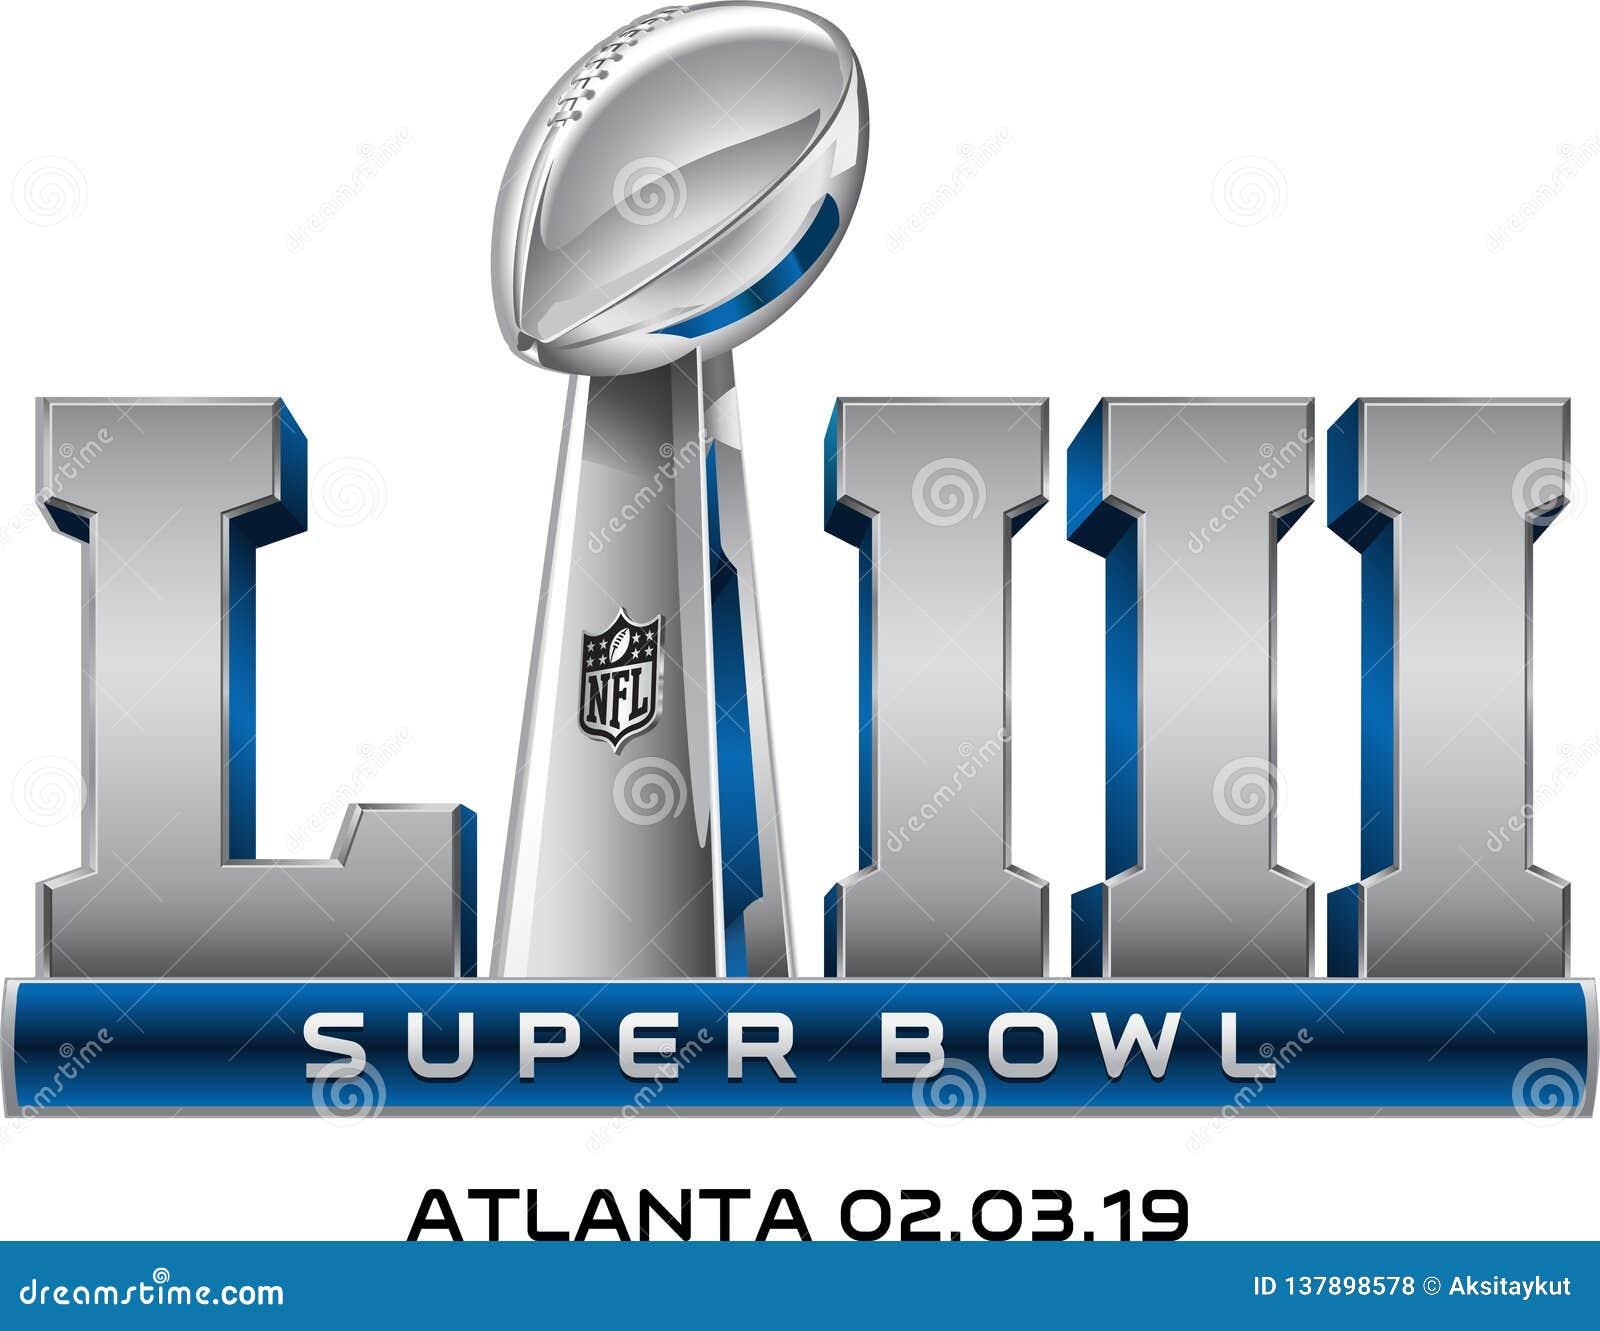 Vecteur de logo du superbowl LIII